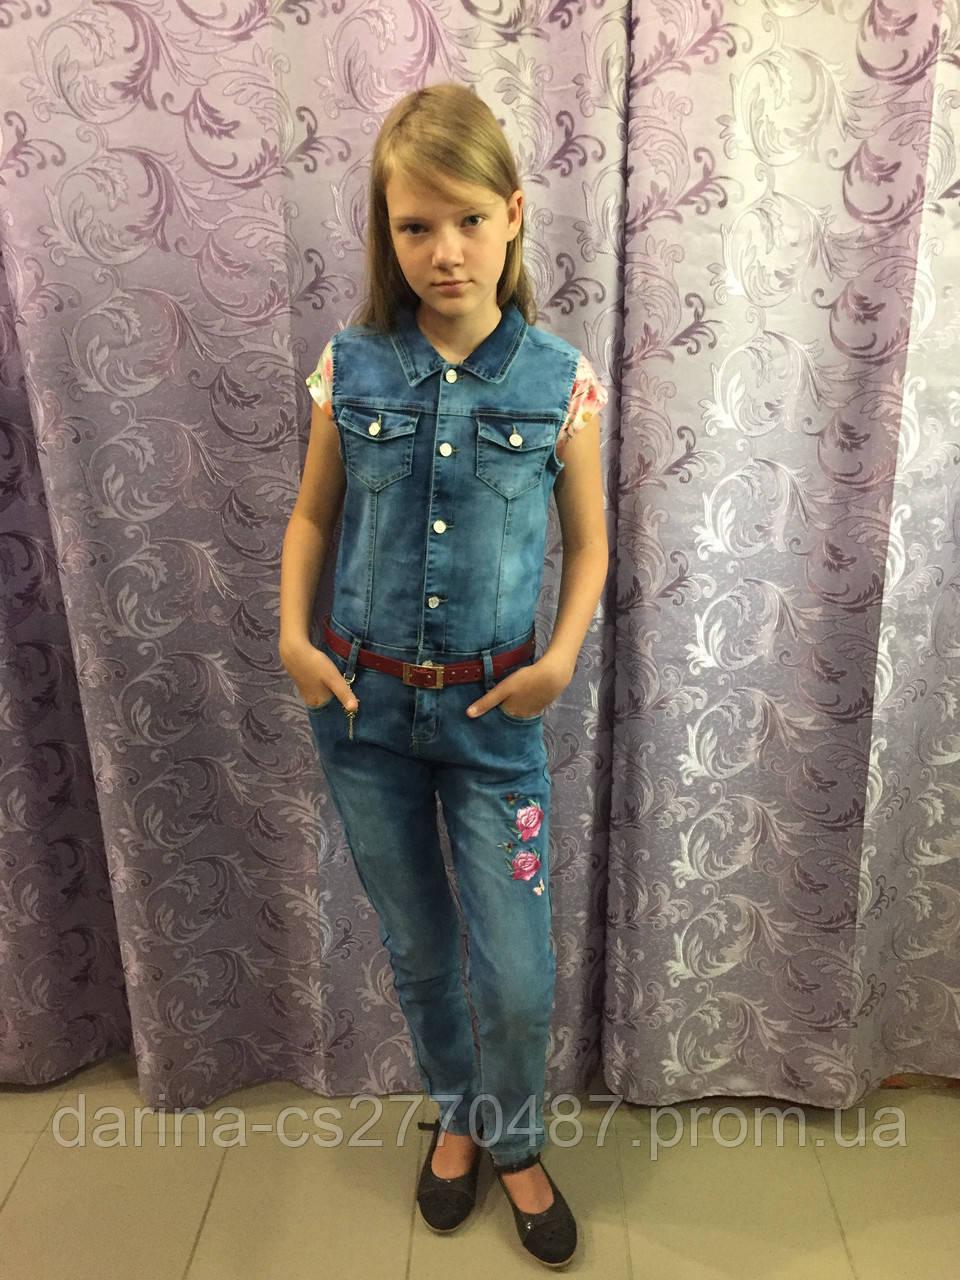 Джинсовый комбинезон на девочку подростка 134 см